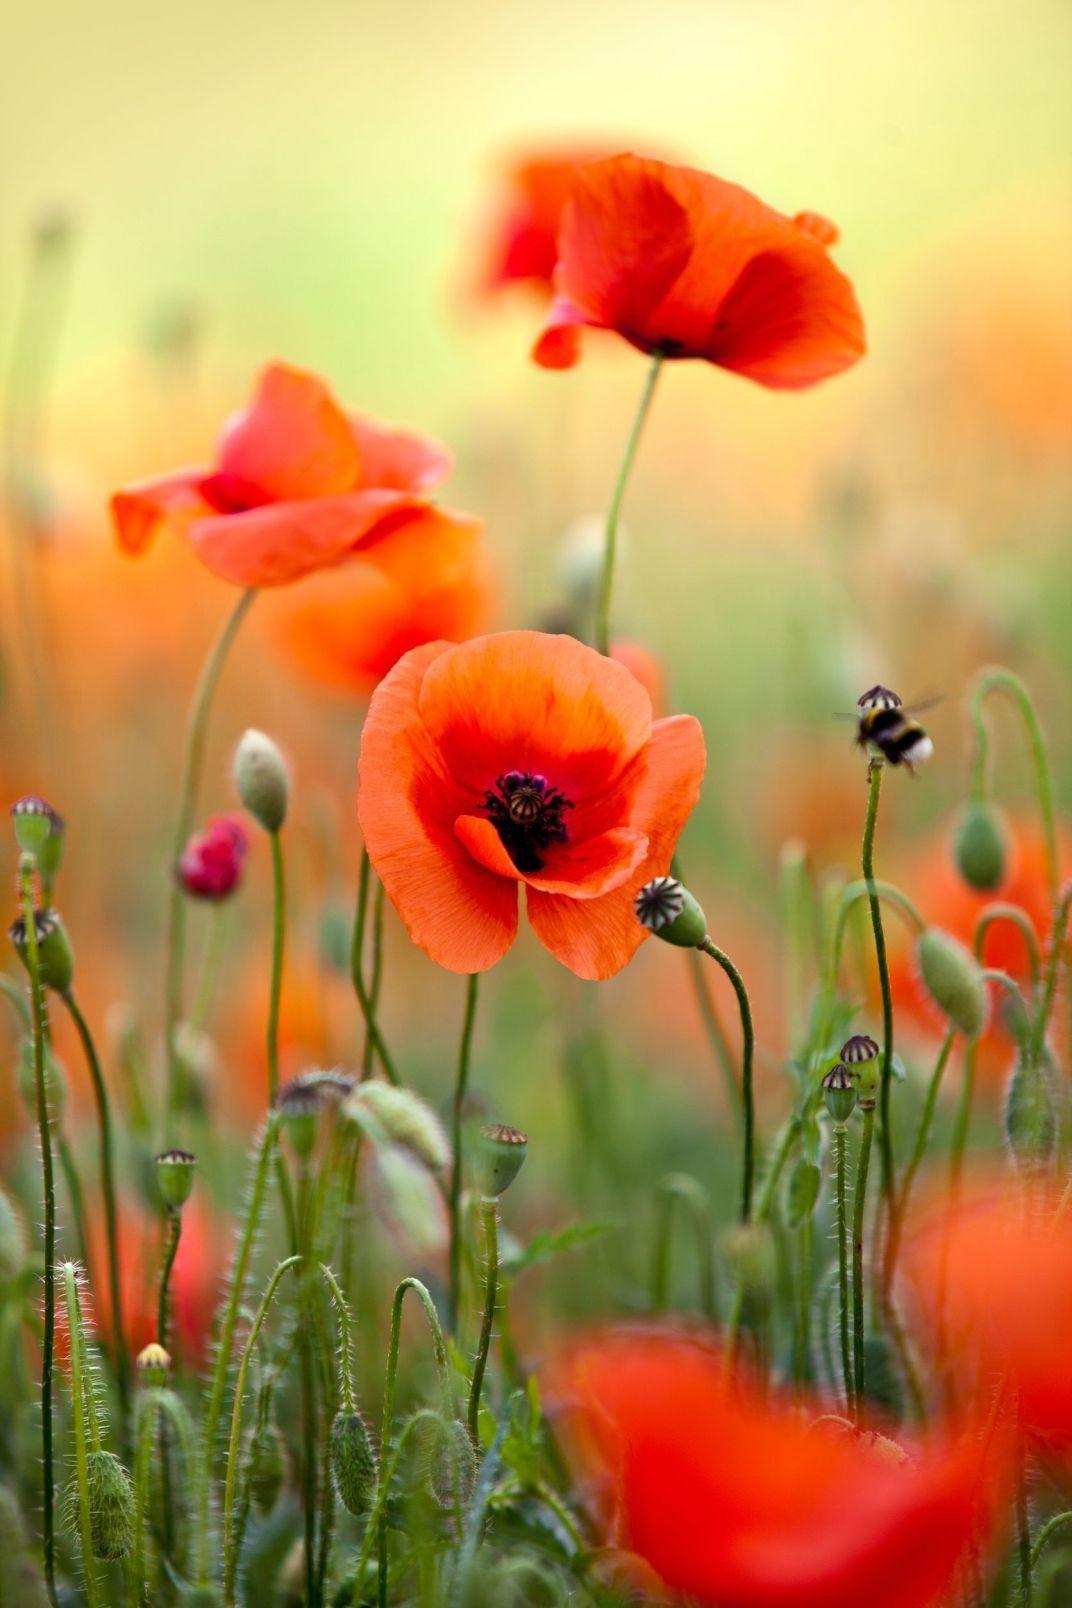 Poppy Flower 26 Mohnblume Blumenzeichnung Blumen Leinwandbilder